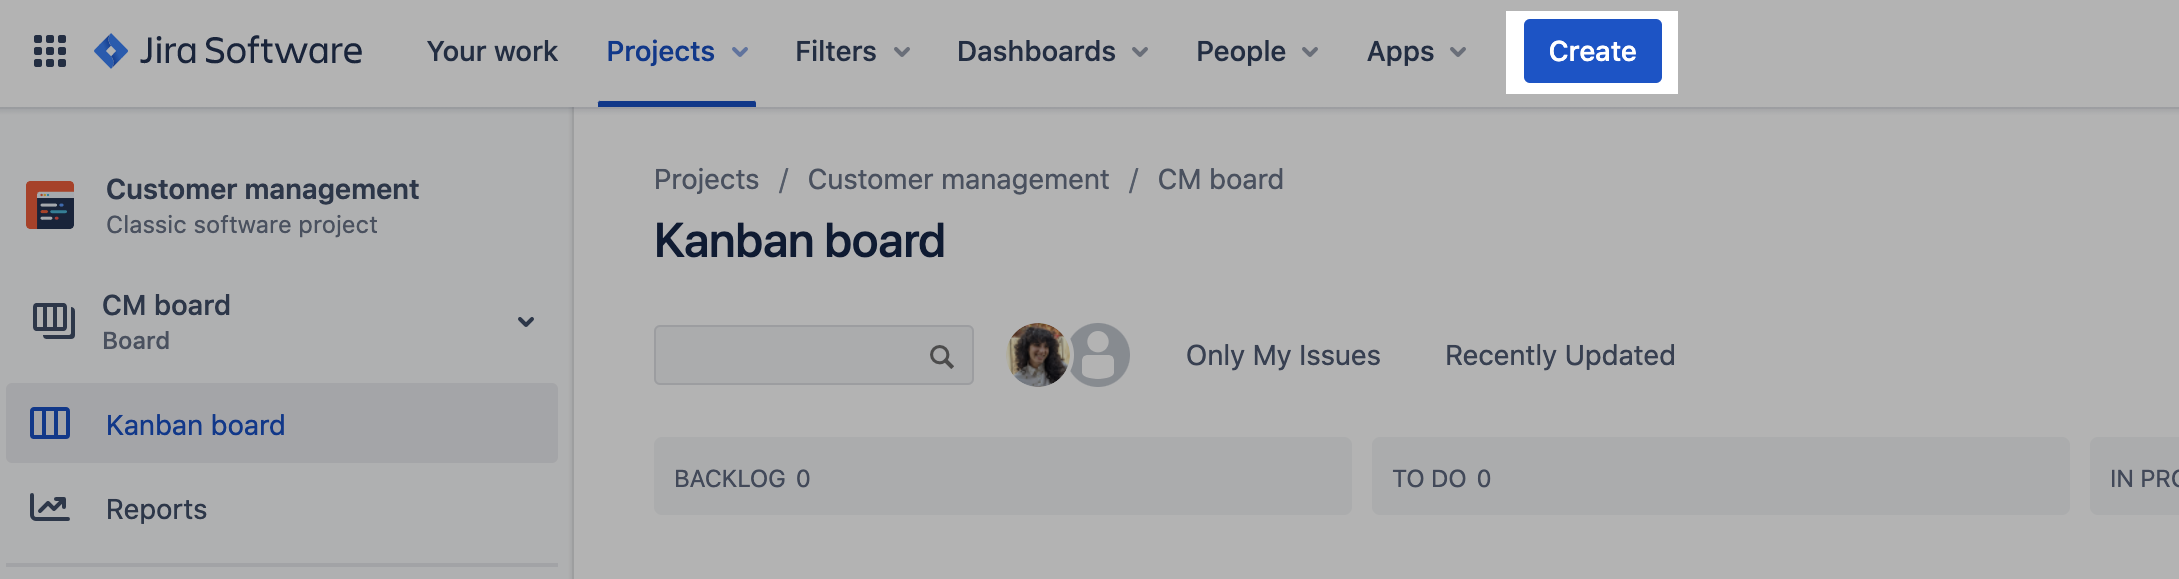 Снимок экрана, на котором подсвечена кнопка создания заявки в Kanban